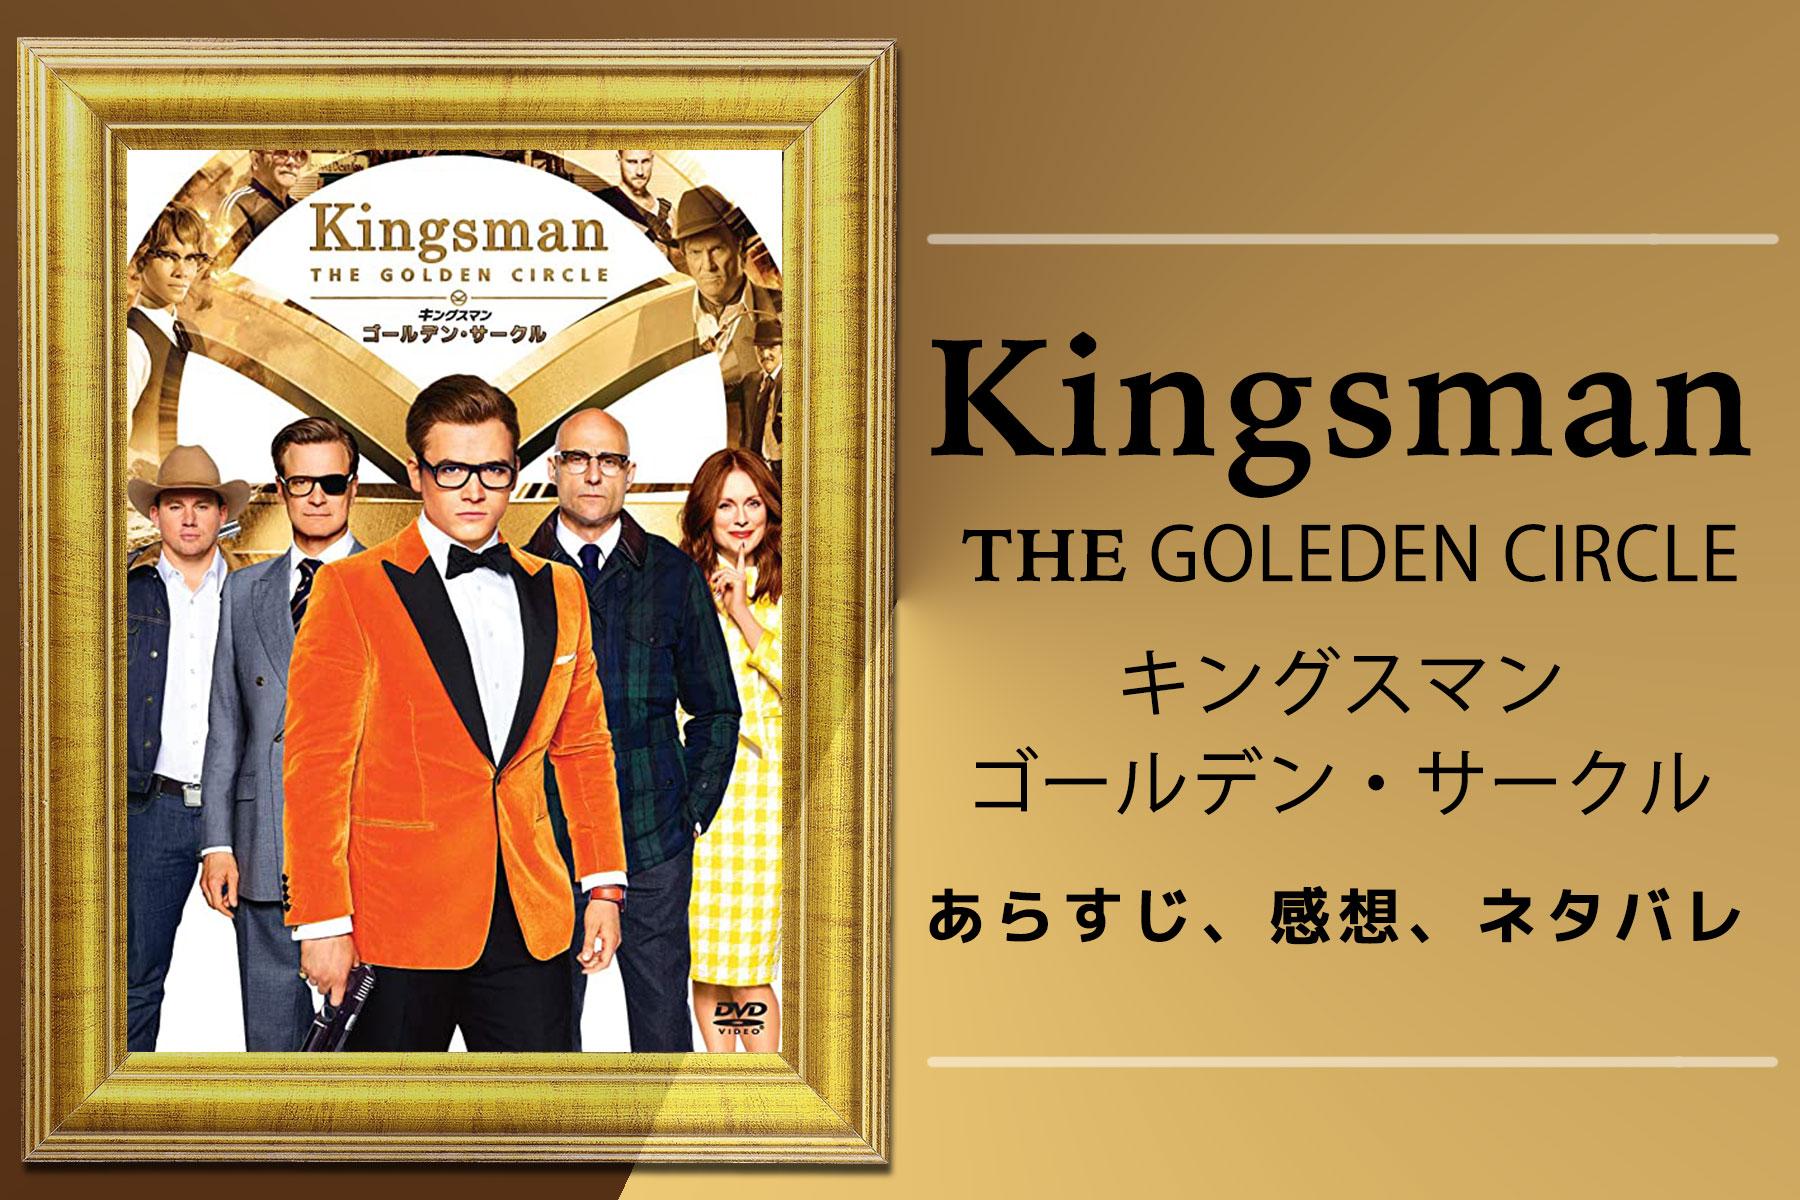 キングスマン:ゴールデンサークルの感想